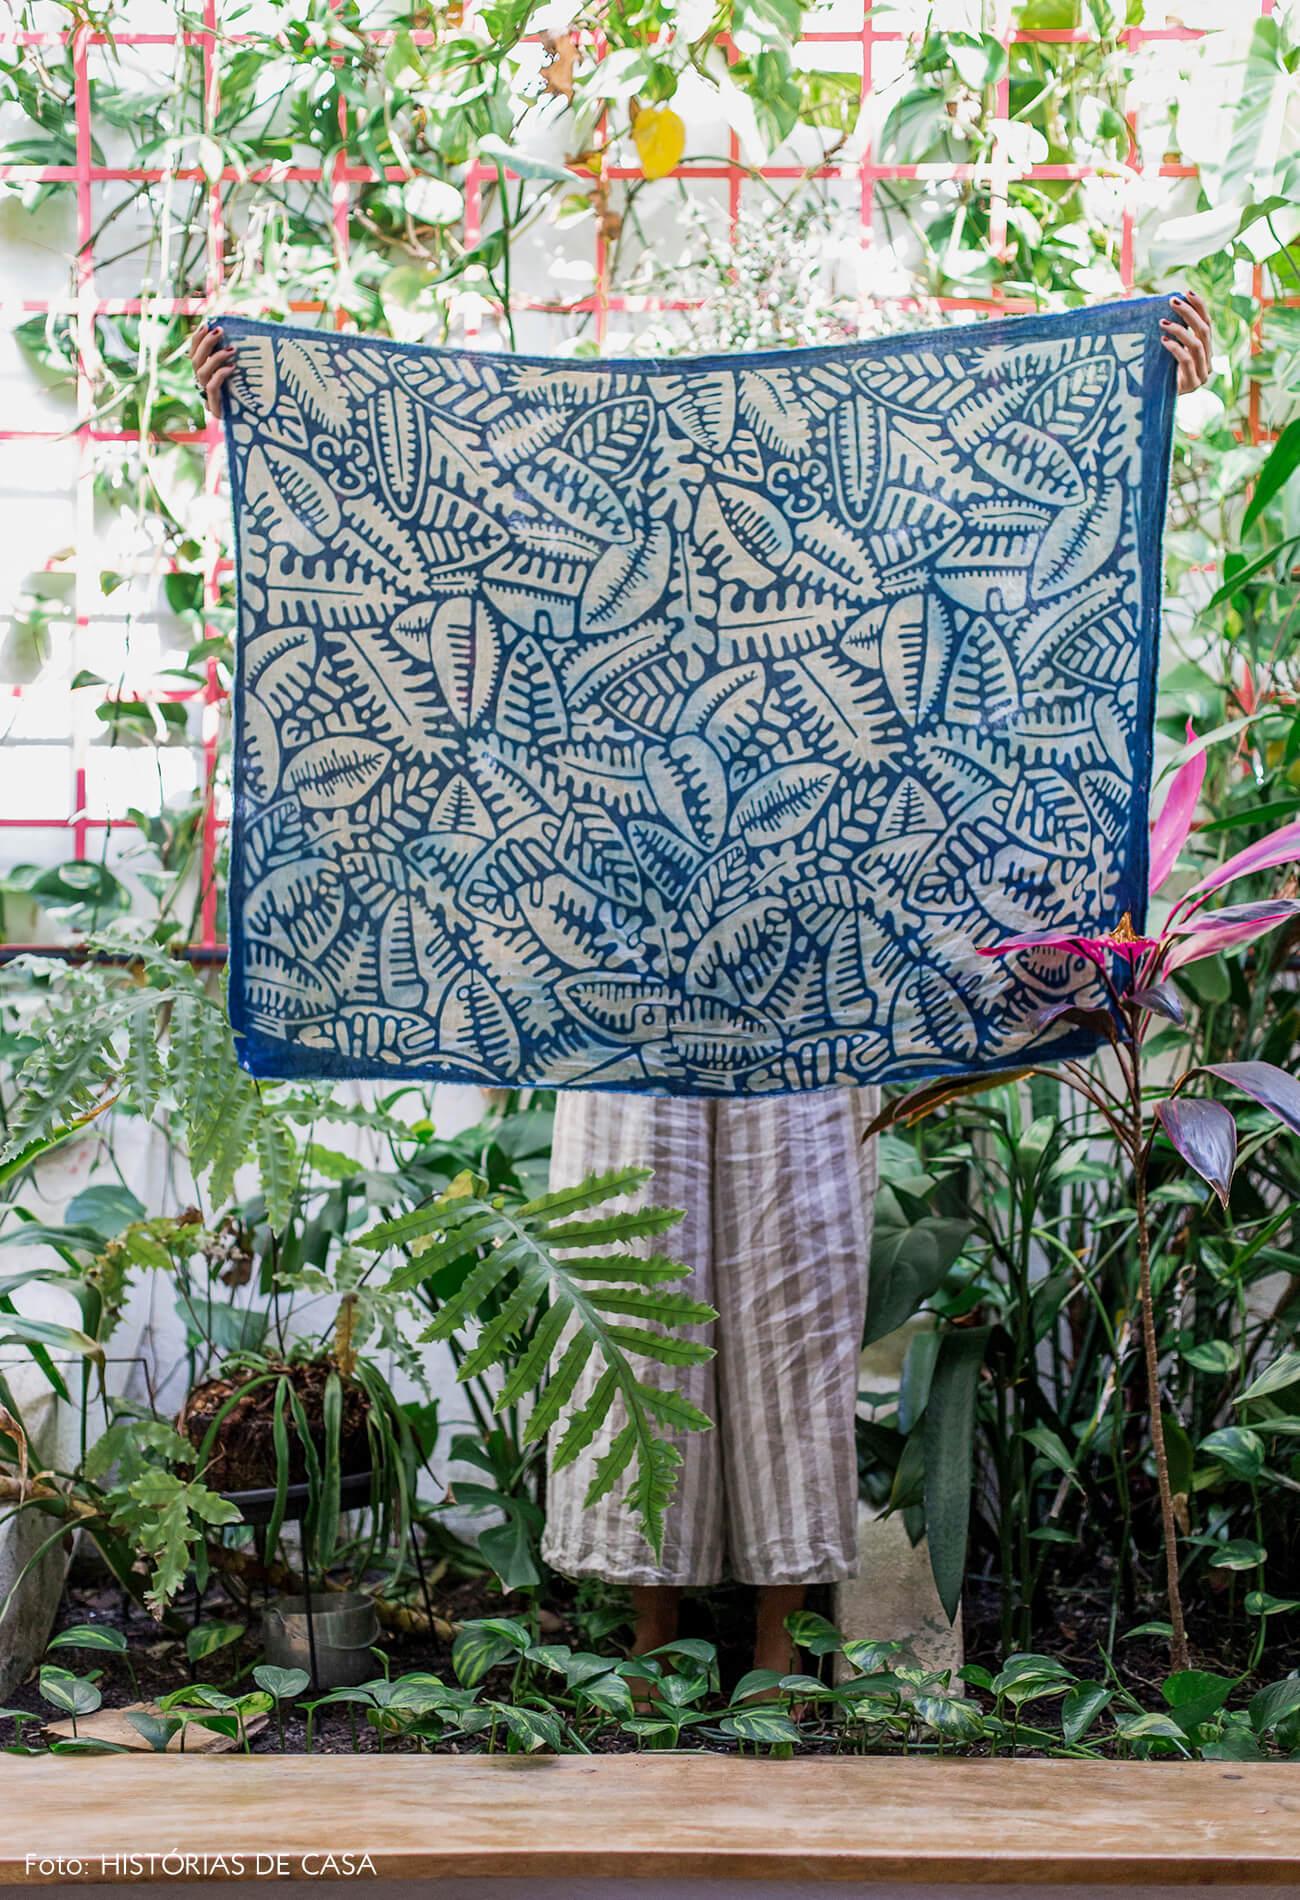 Jardim em casa e painel de tecido artesanal